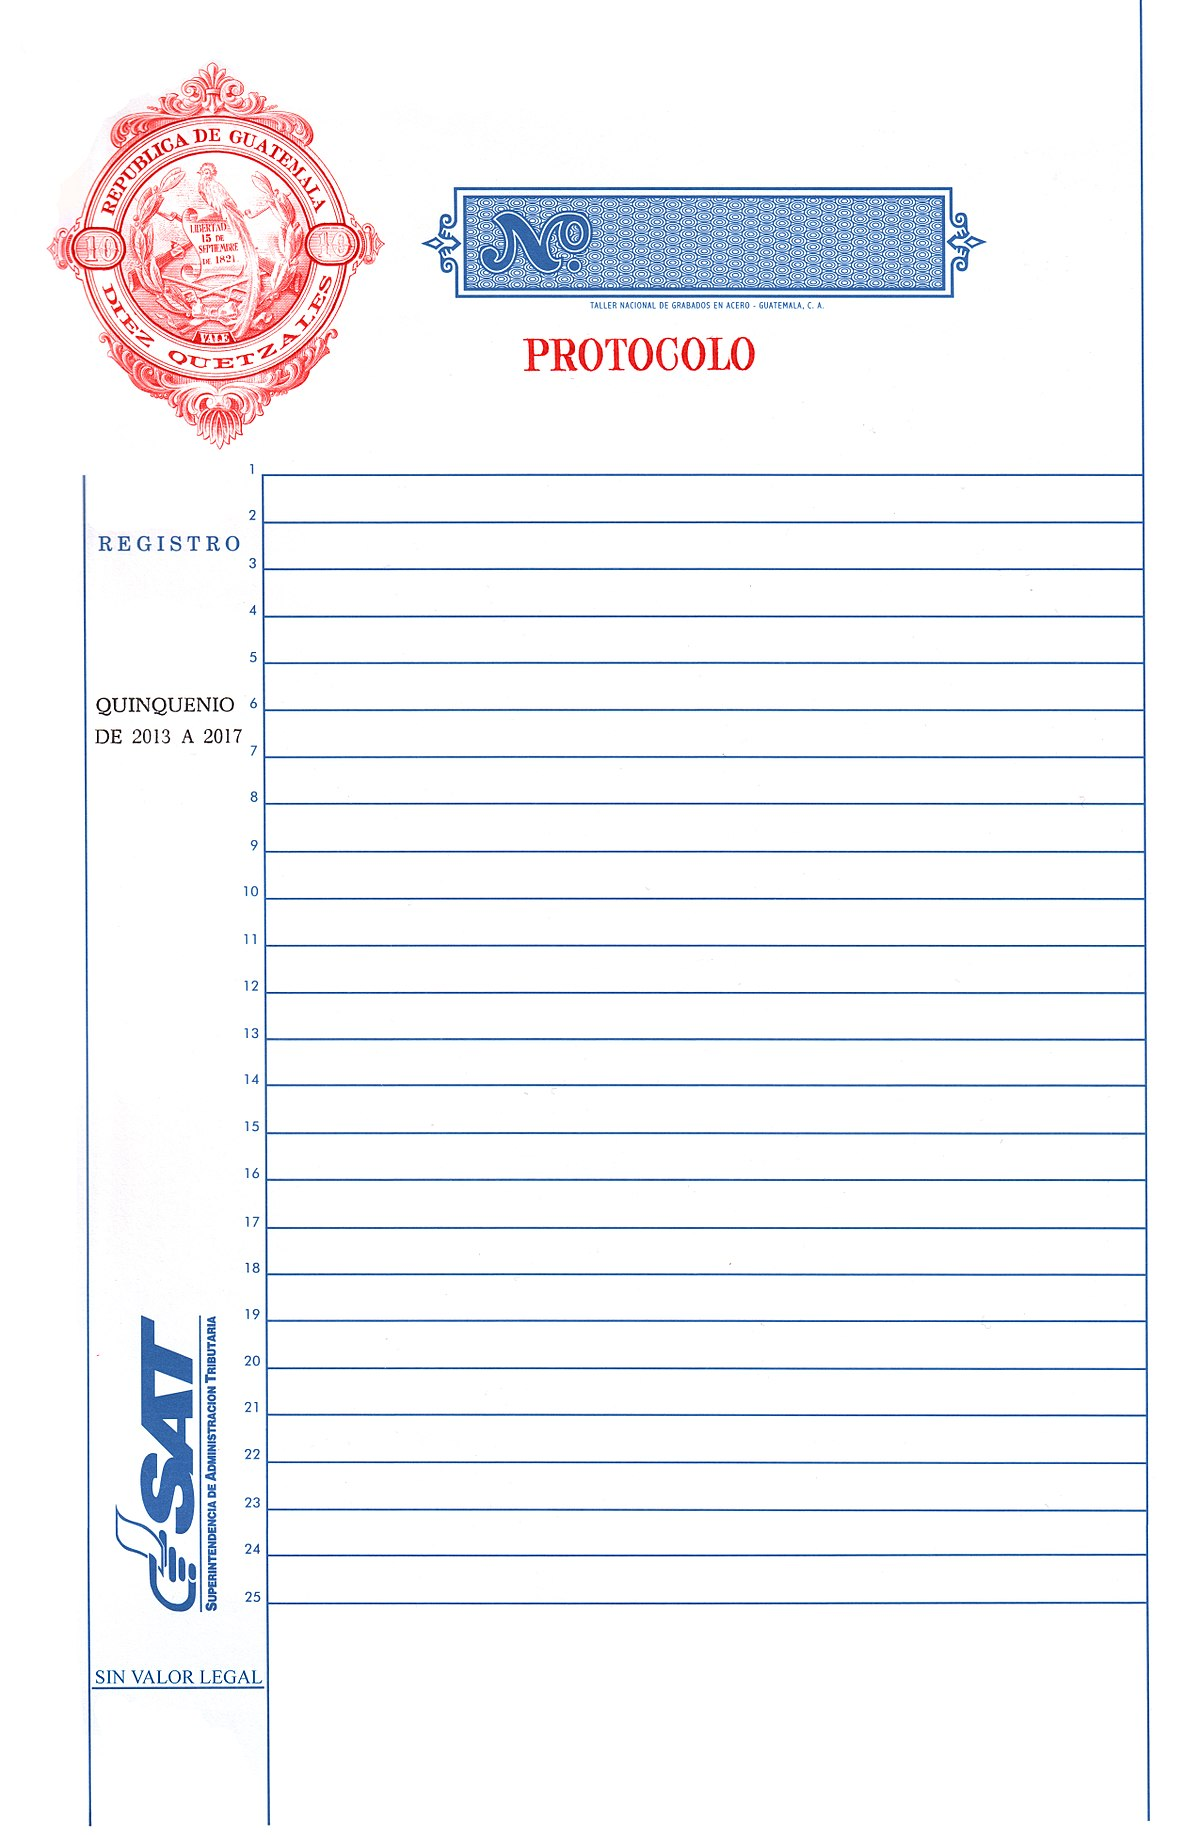 enciclopedia de los sabores pdf gratis